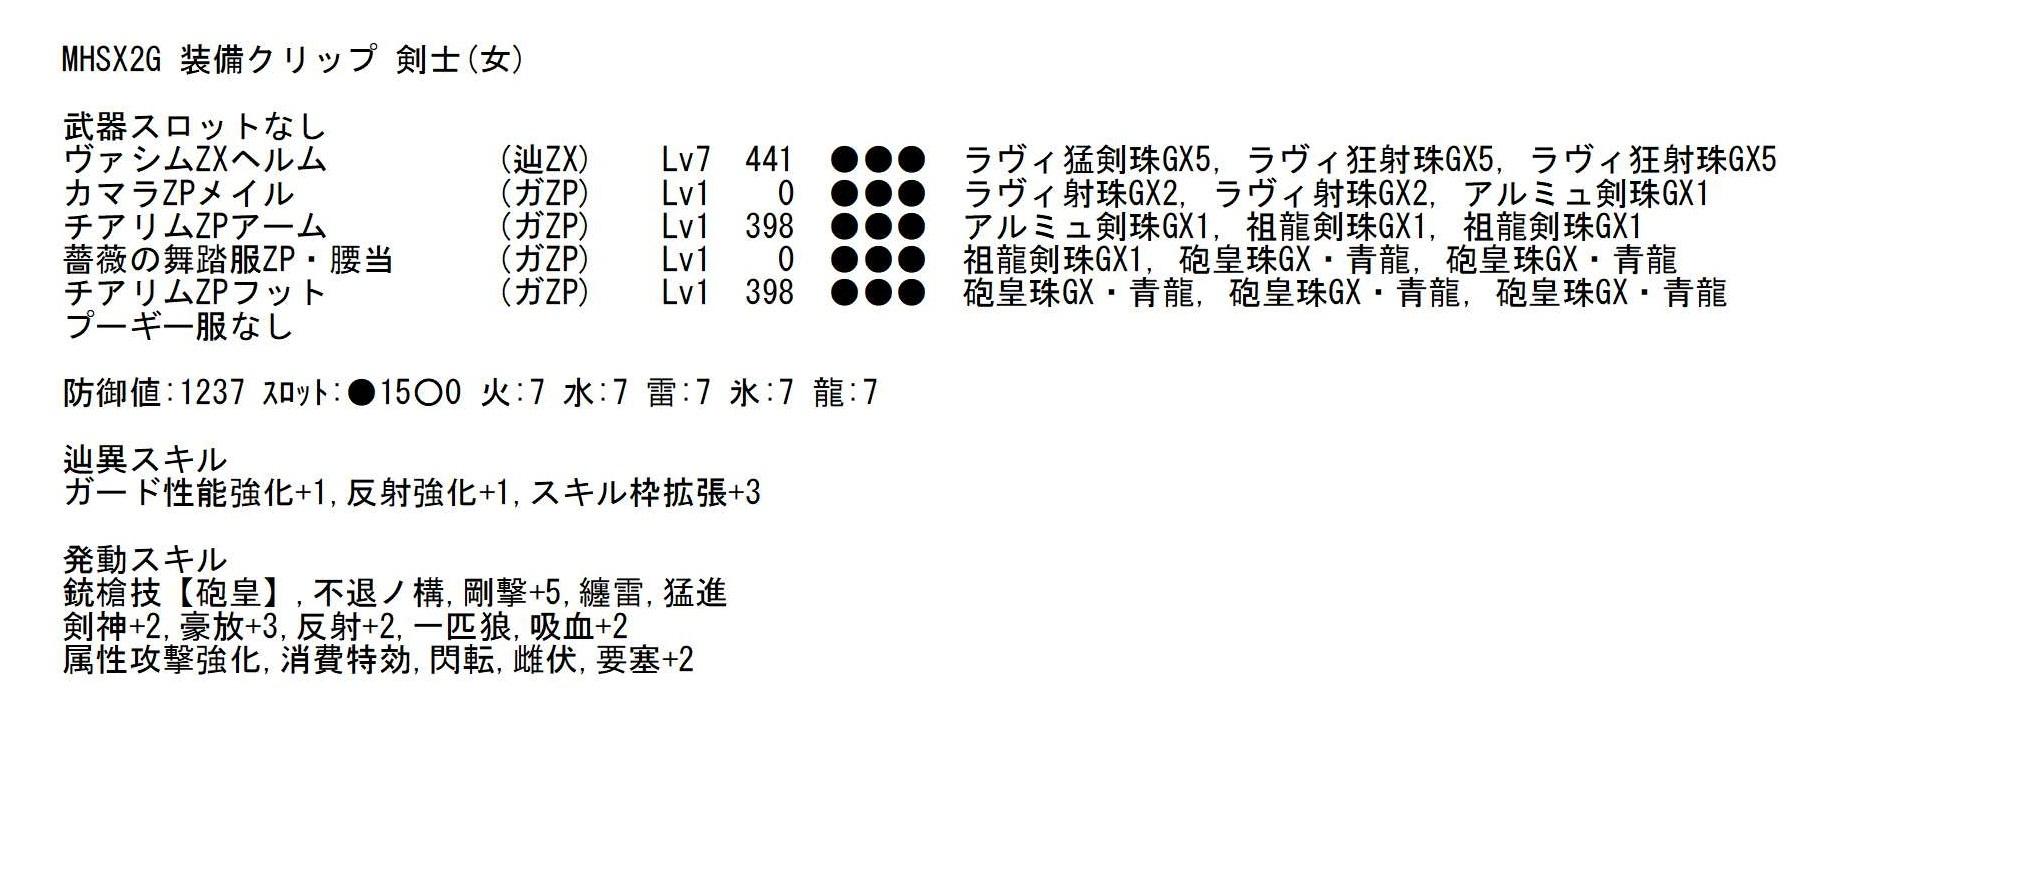 メモ帳-37